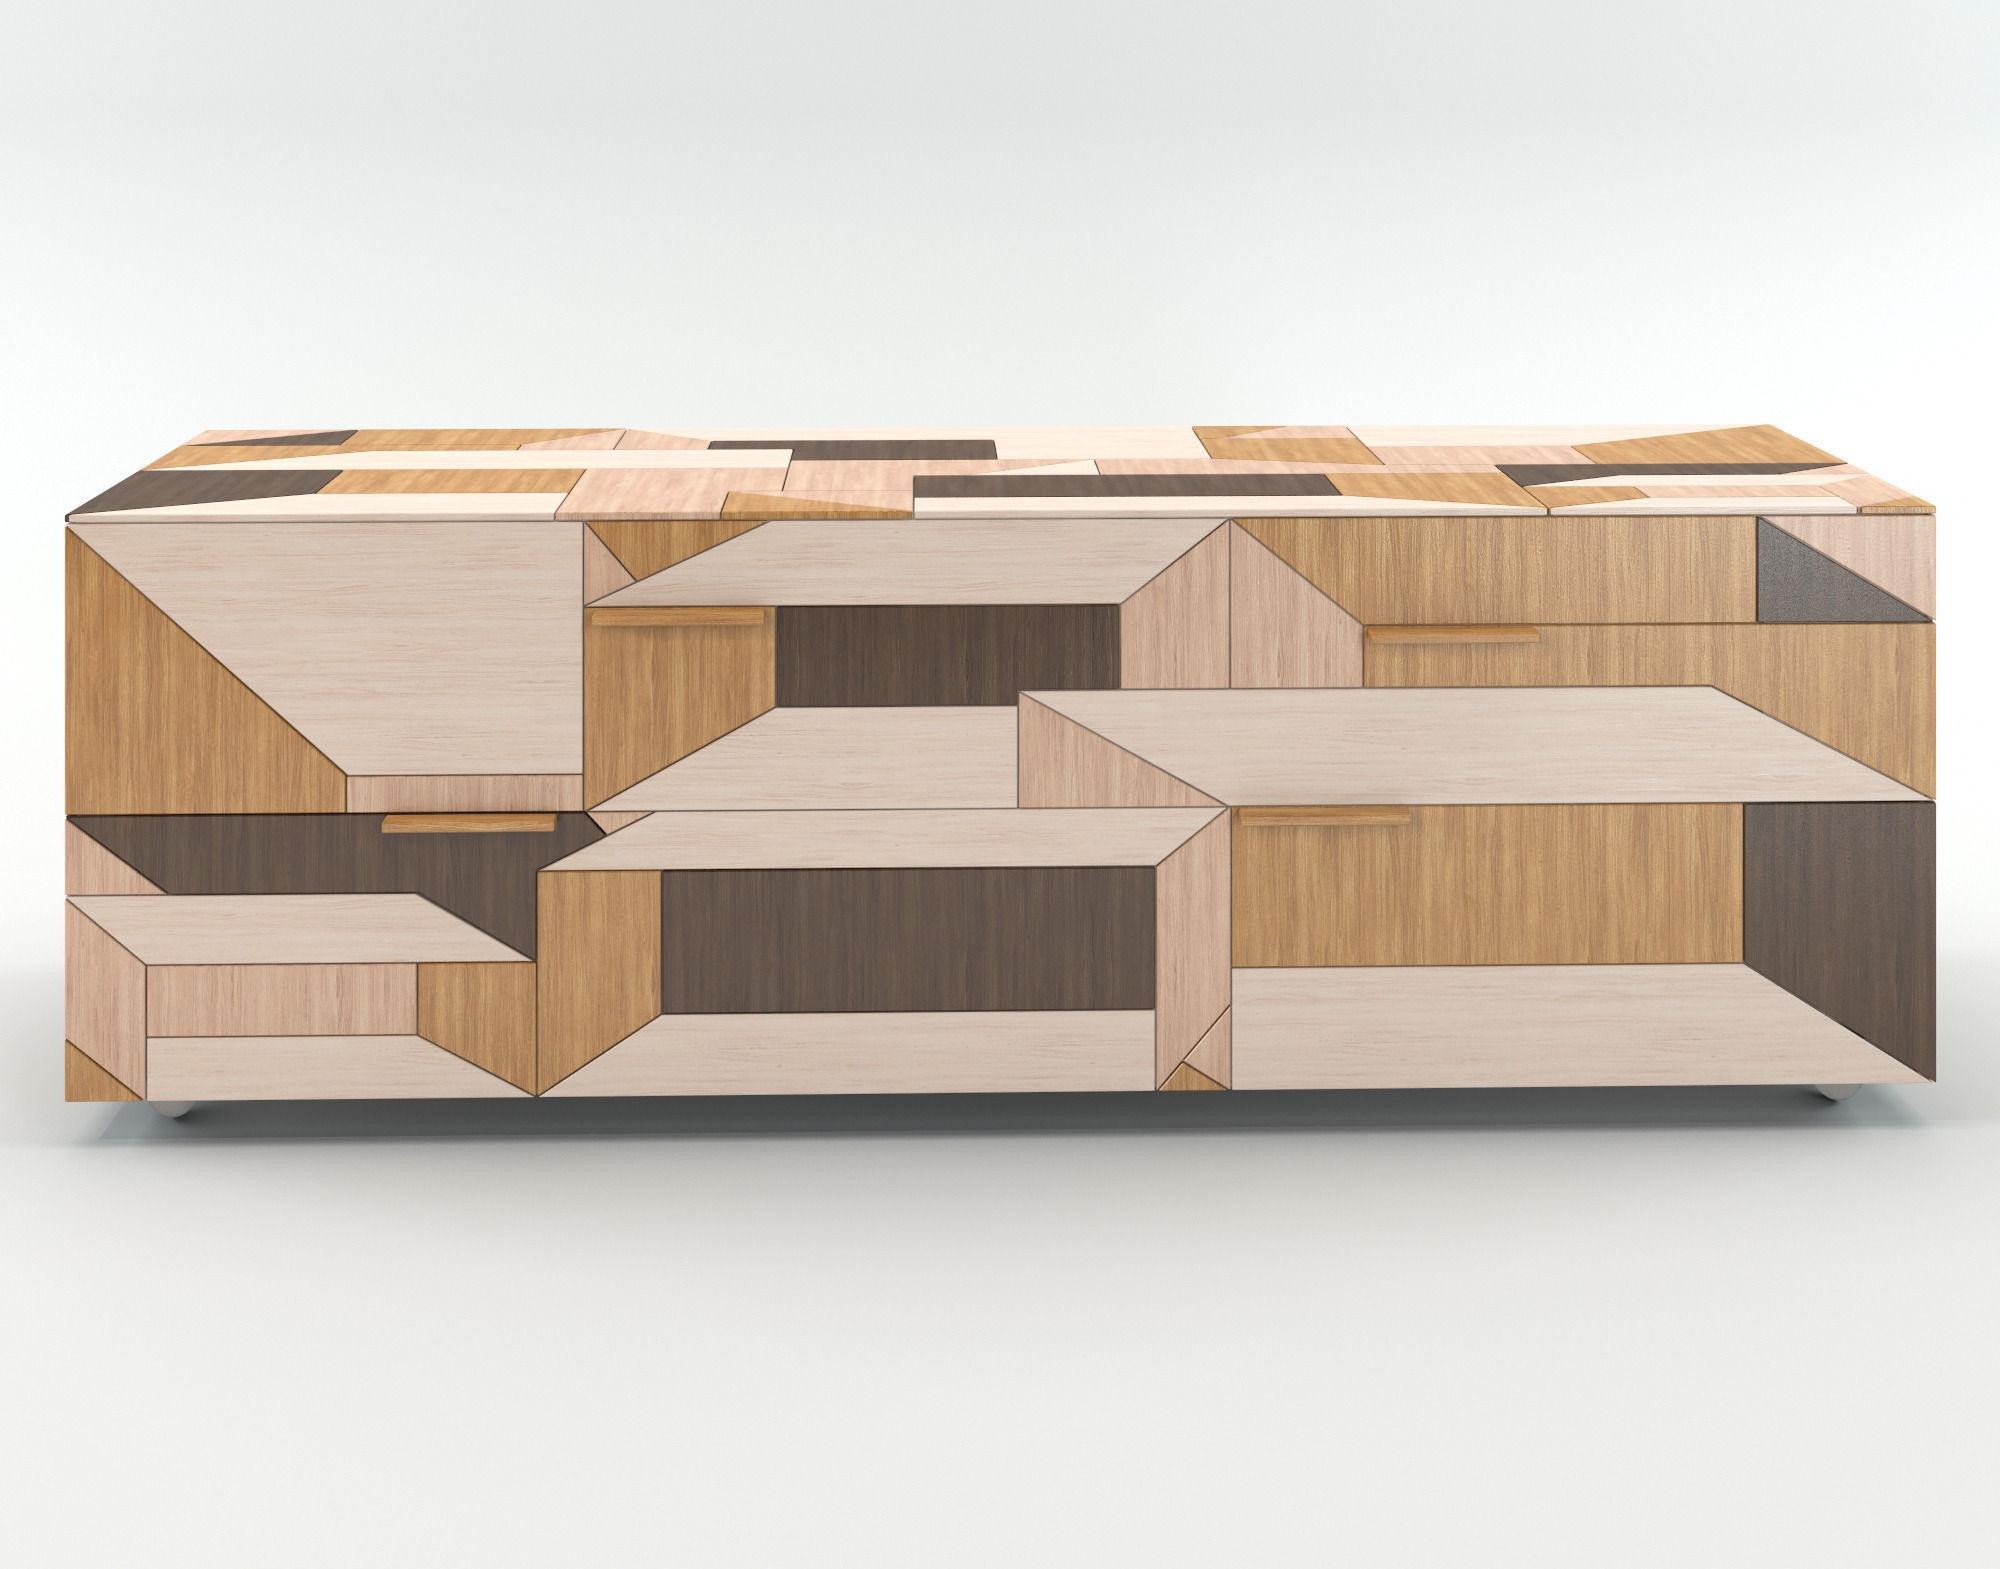 Faszinierend Sideboard Modern Sammlung Von Cupboard Inlay Porro 3d Model Max Obj